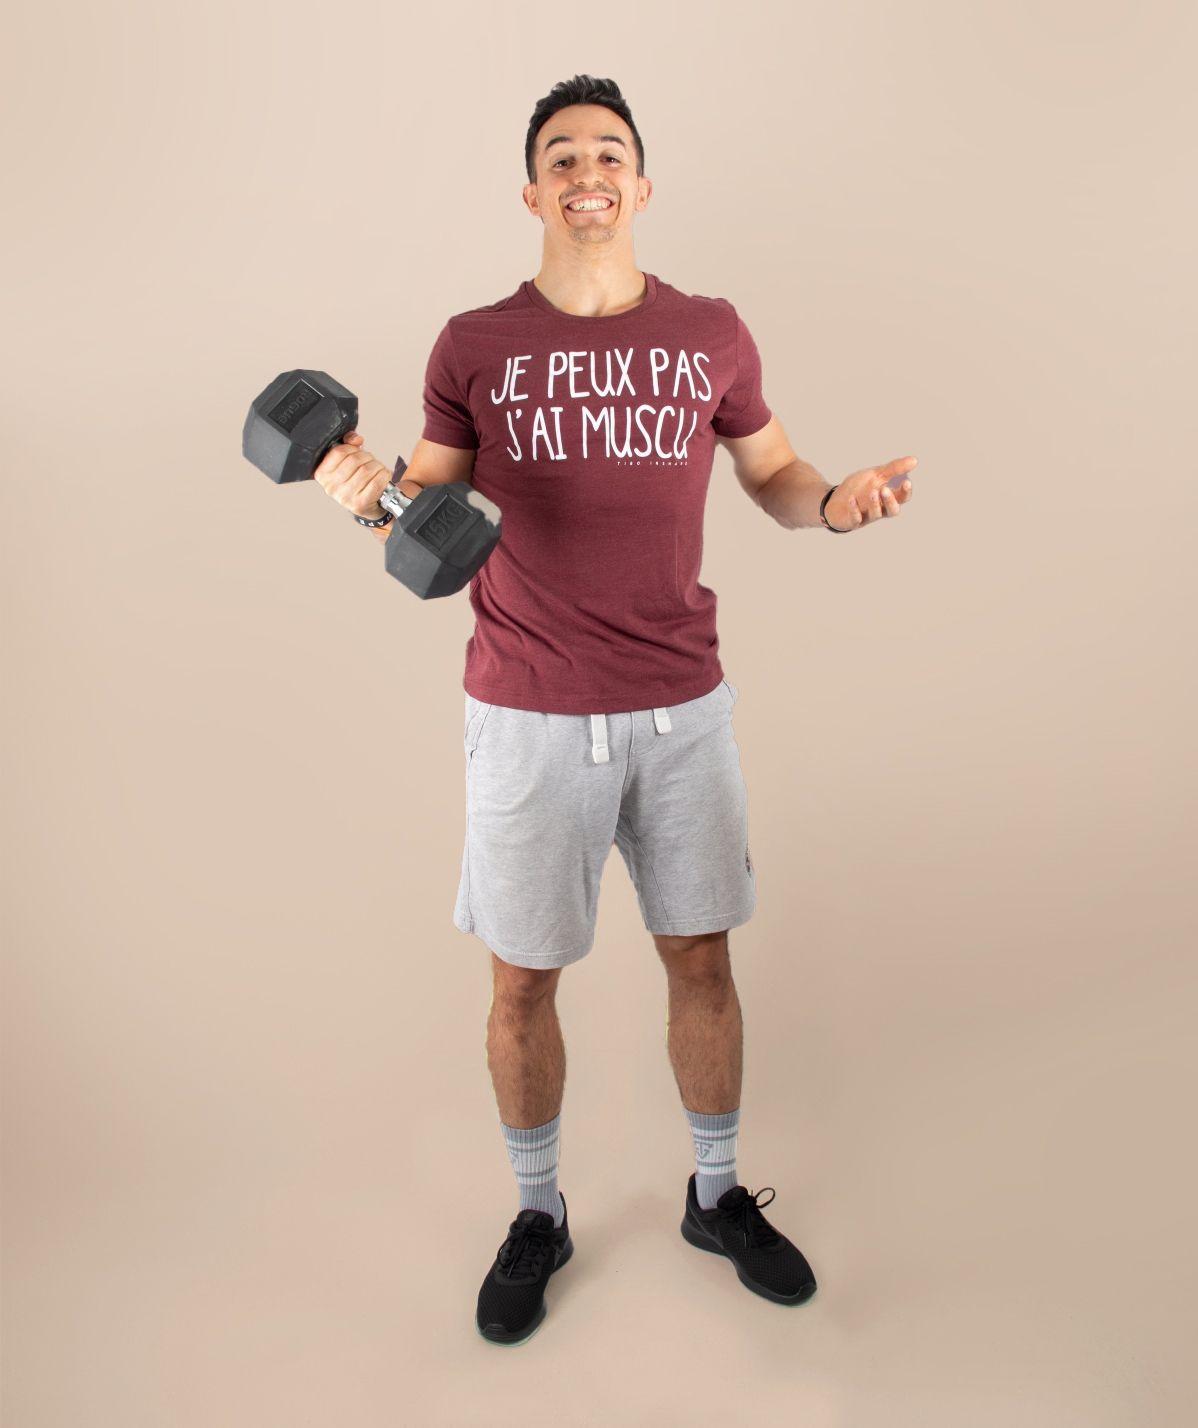 T-Shirt Homme bordeaux je peux pas j'ai muscu